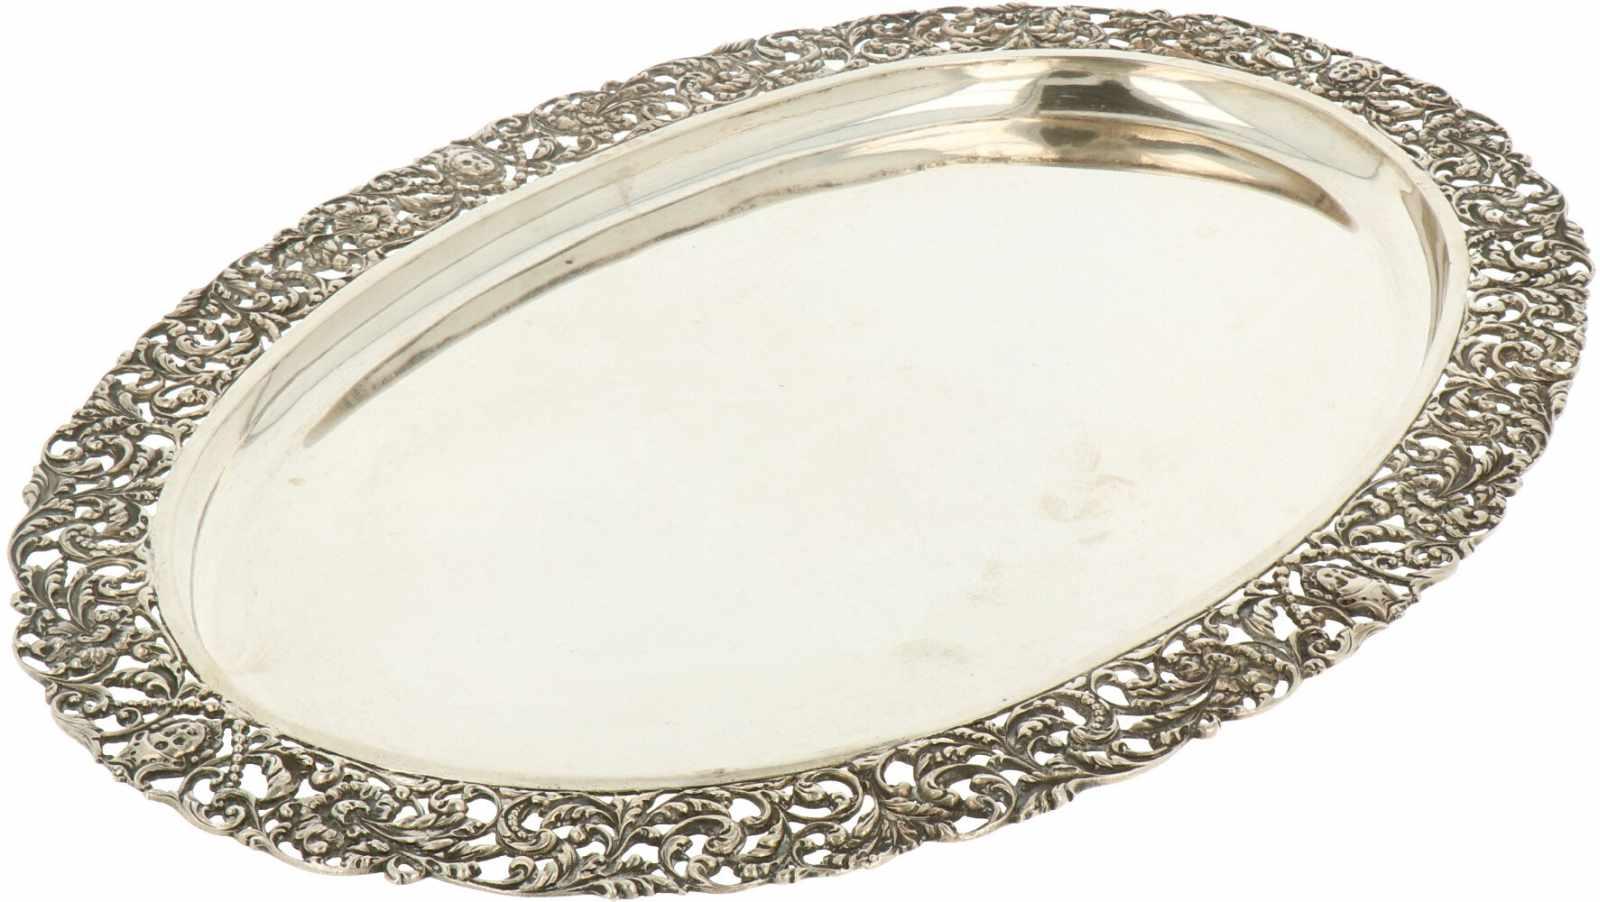 Dienblad zilver.Ovaal model met floraal versierde gegoten en deels opengewerkte sierrand. Nederland, - Bild 2 aus 5